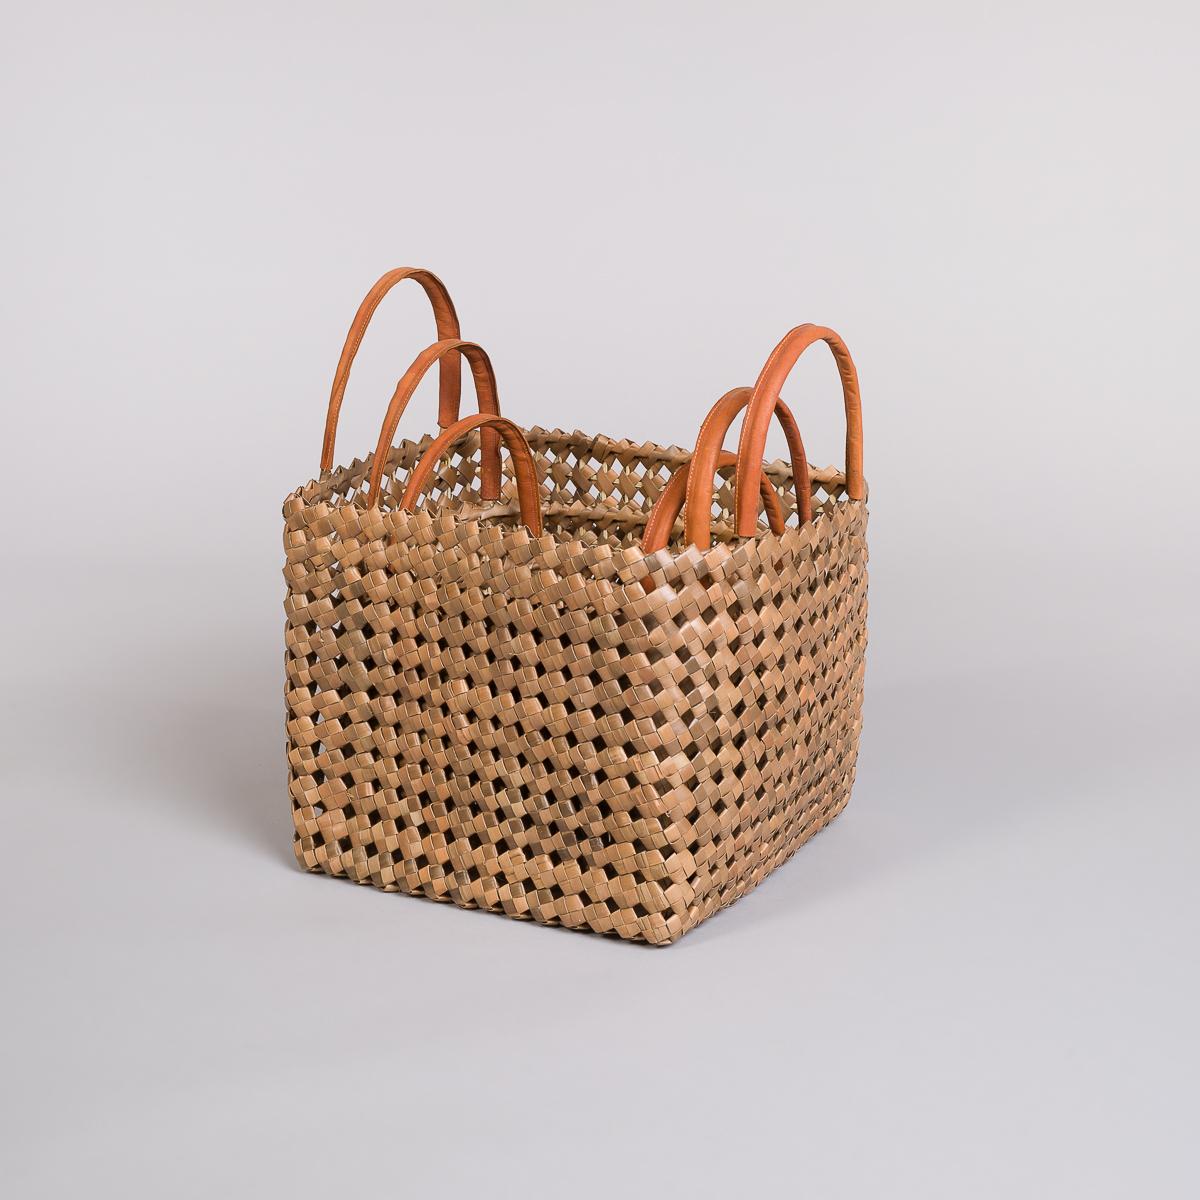 Sett 3 kurver i bambus med skinn på håndtak-Brun-129